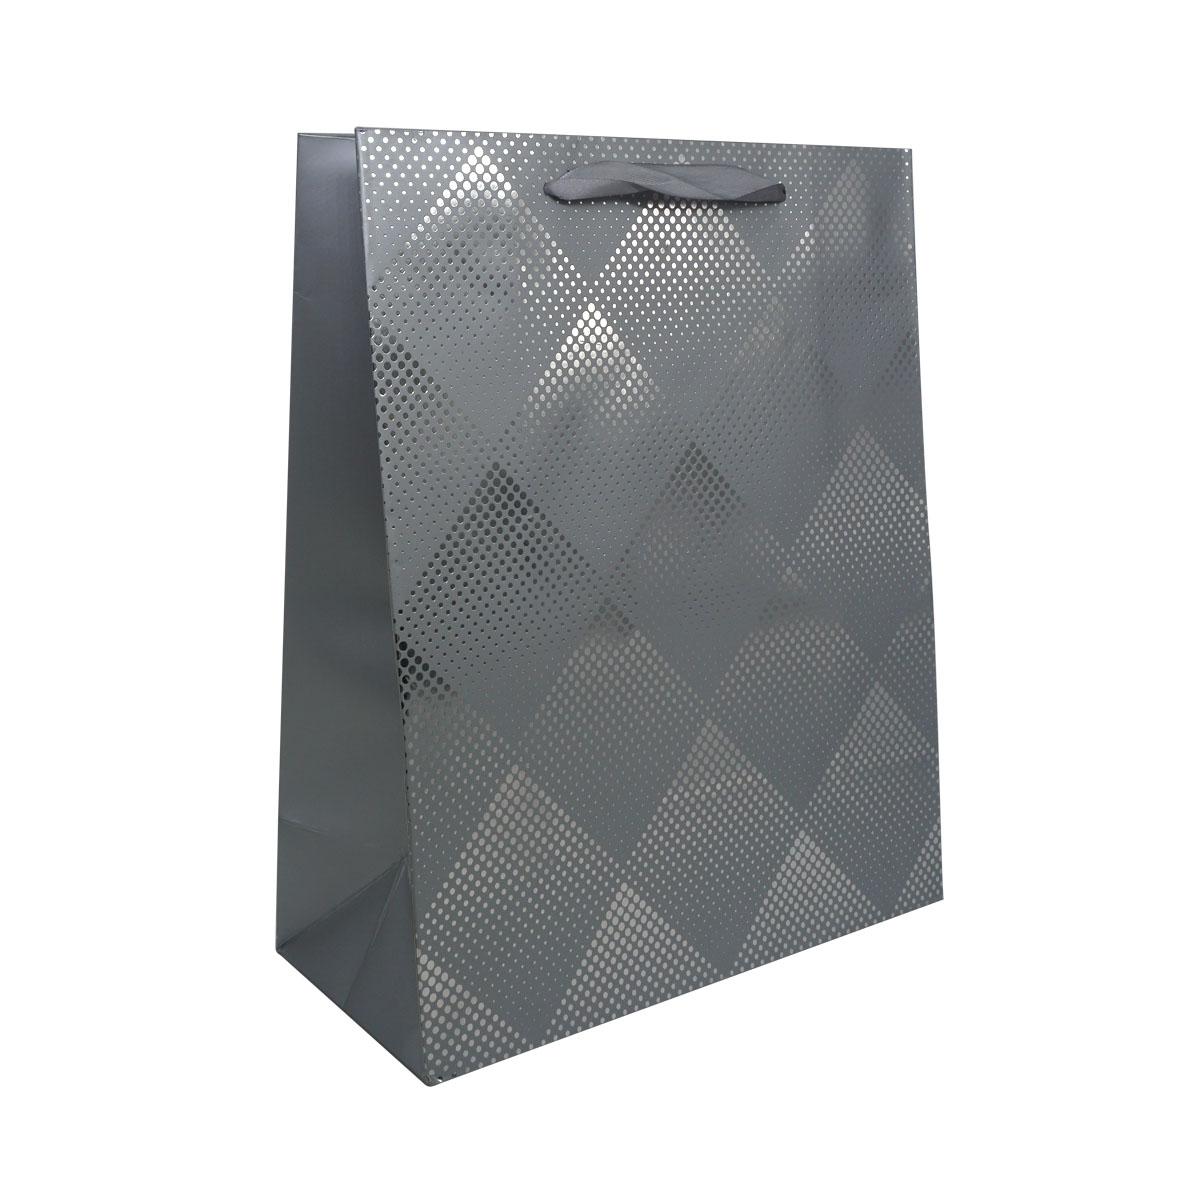 BK958-1 Пакет подарочный ламинированный, 23*18*10см